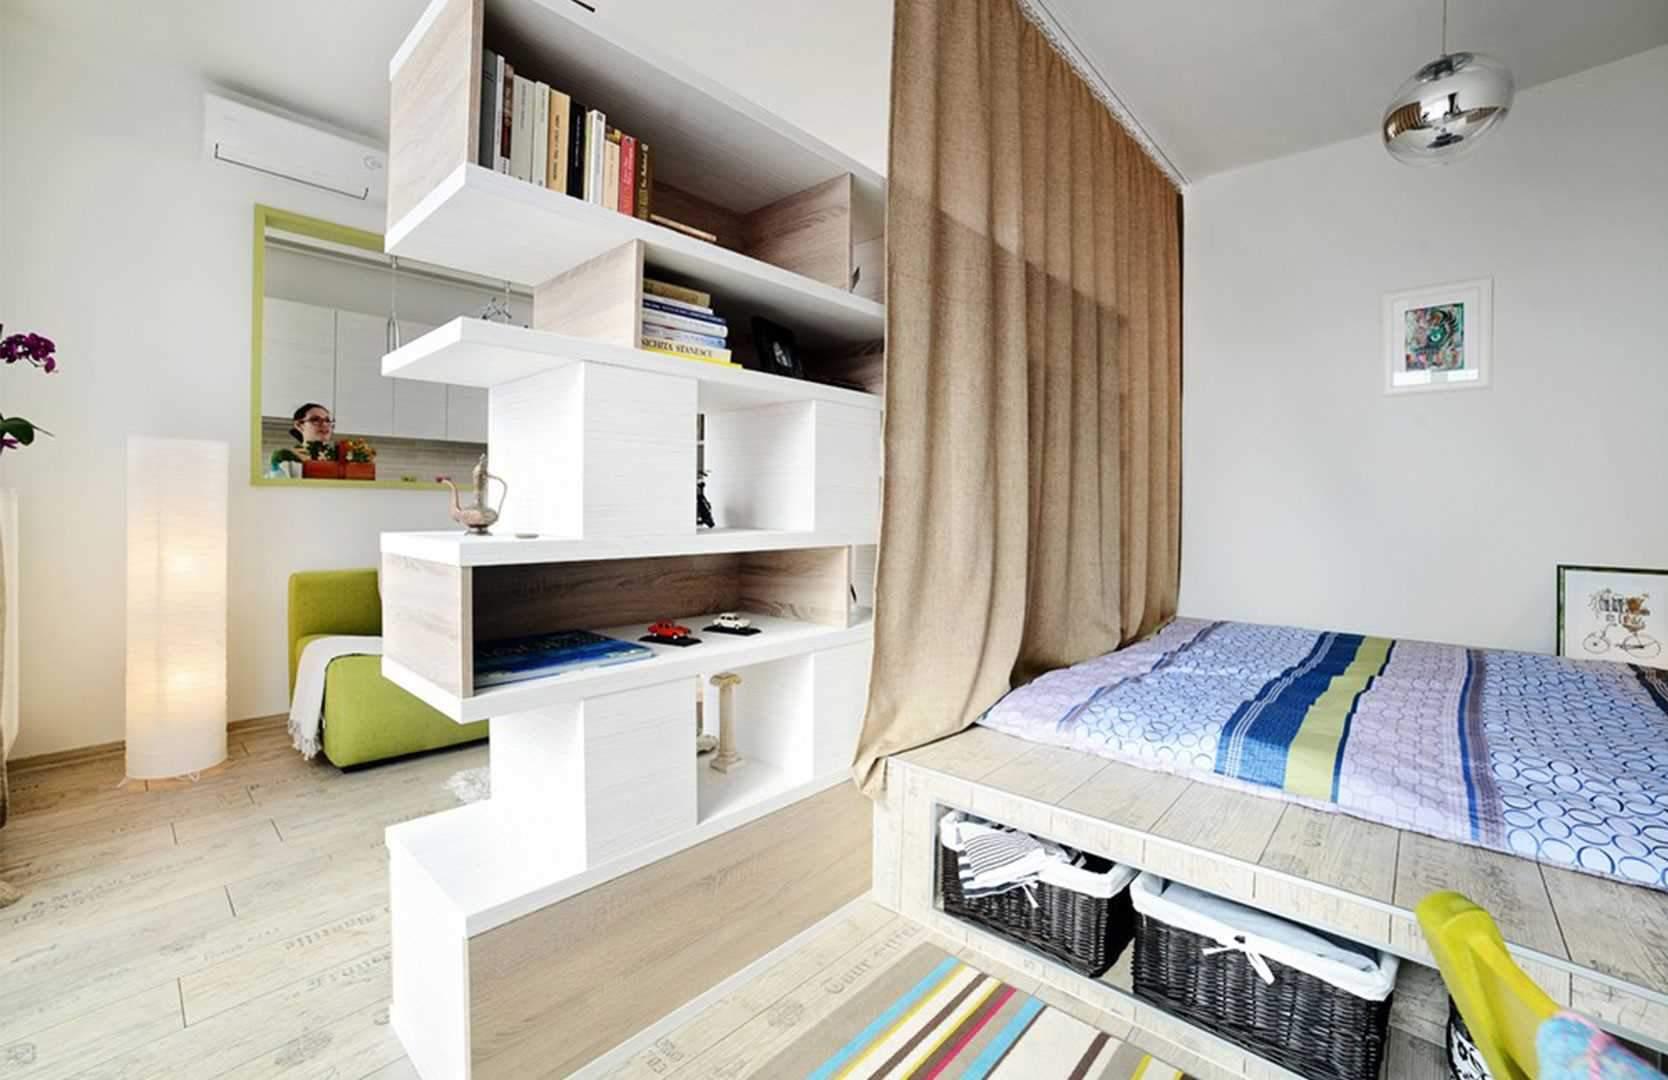 Кімнату можна розділити на зони за допомогою стелажів